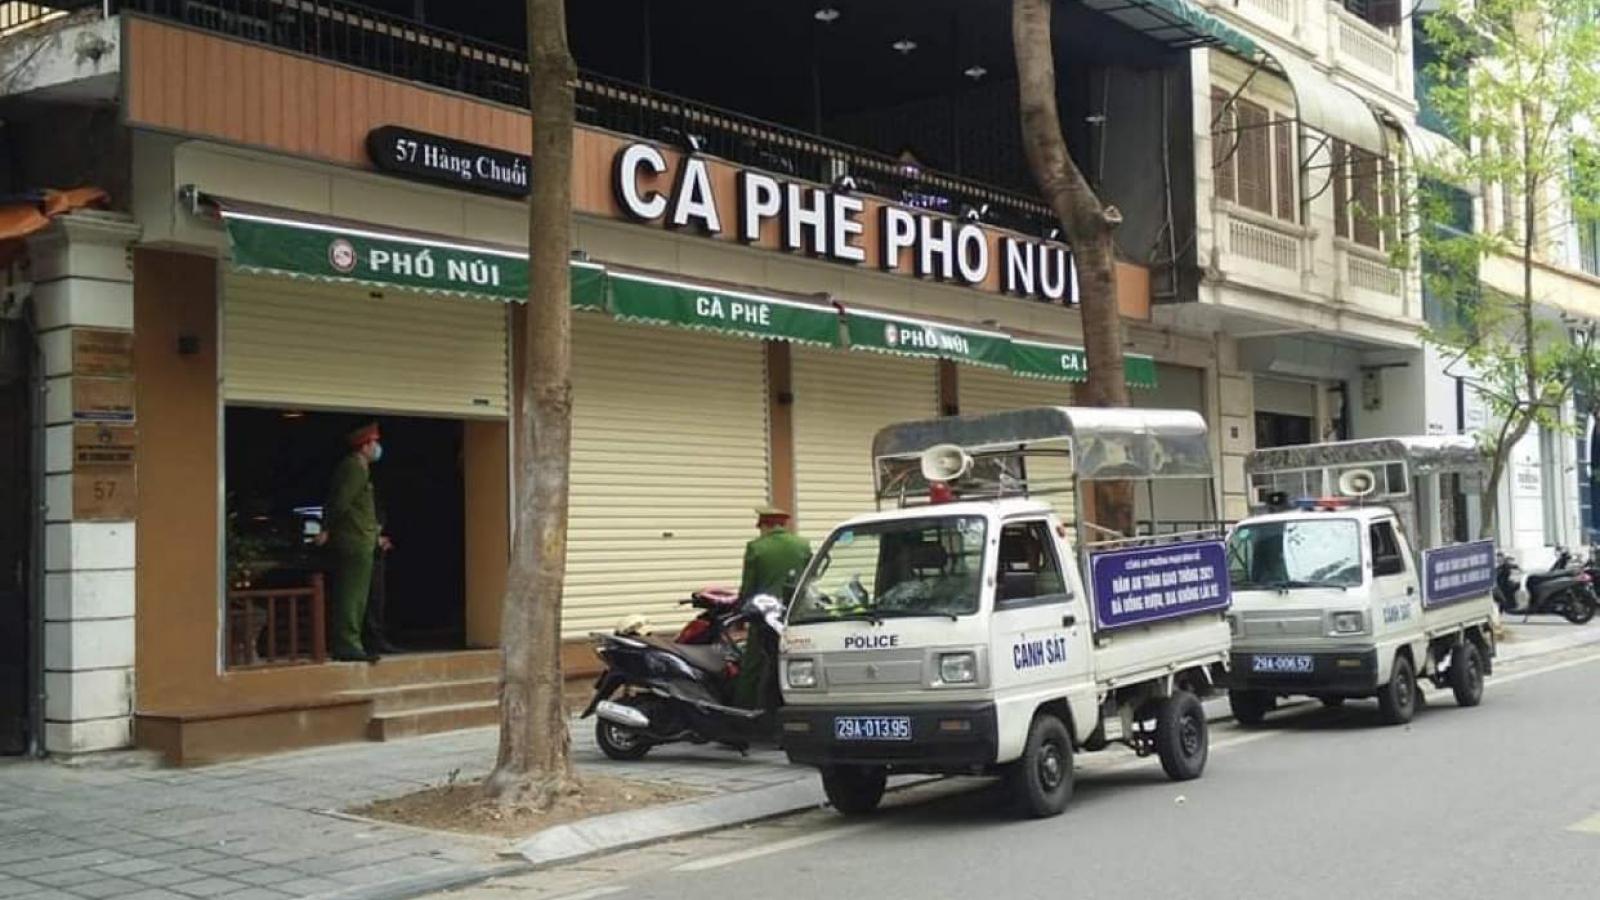 Xử lý các quán cà phê ở Hà Nội vi phạm quy định phòng chống dịch Covid-19